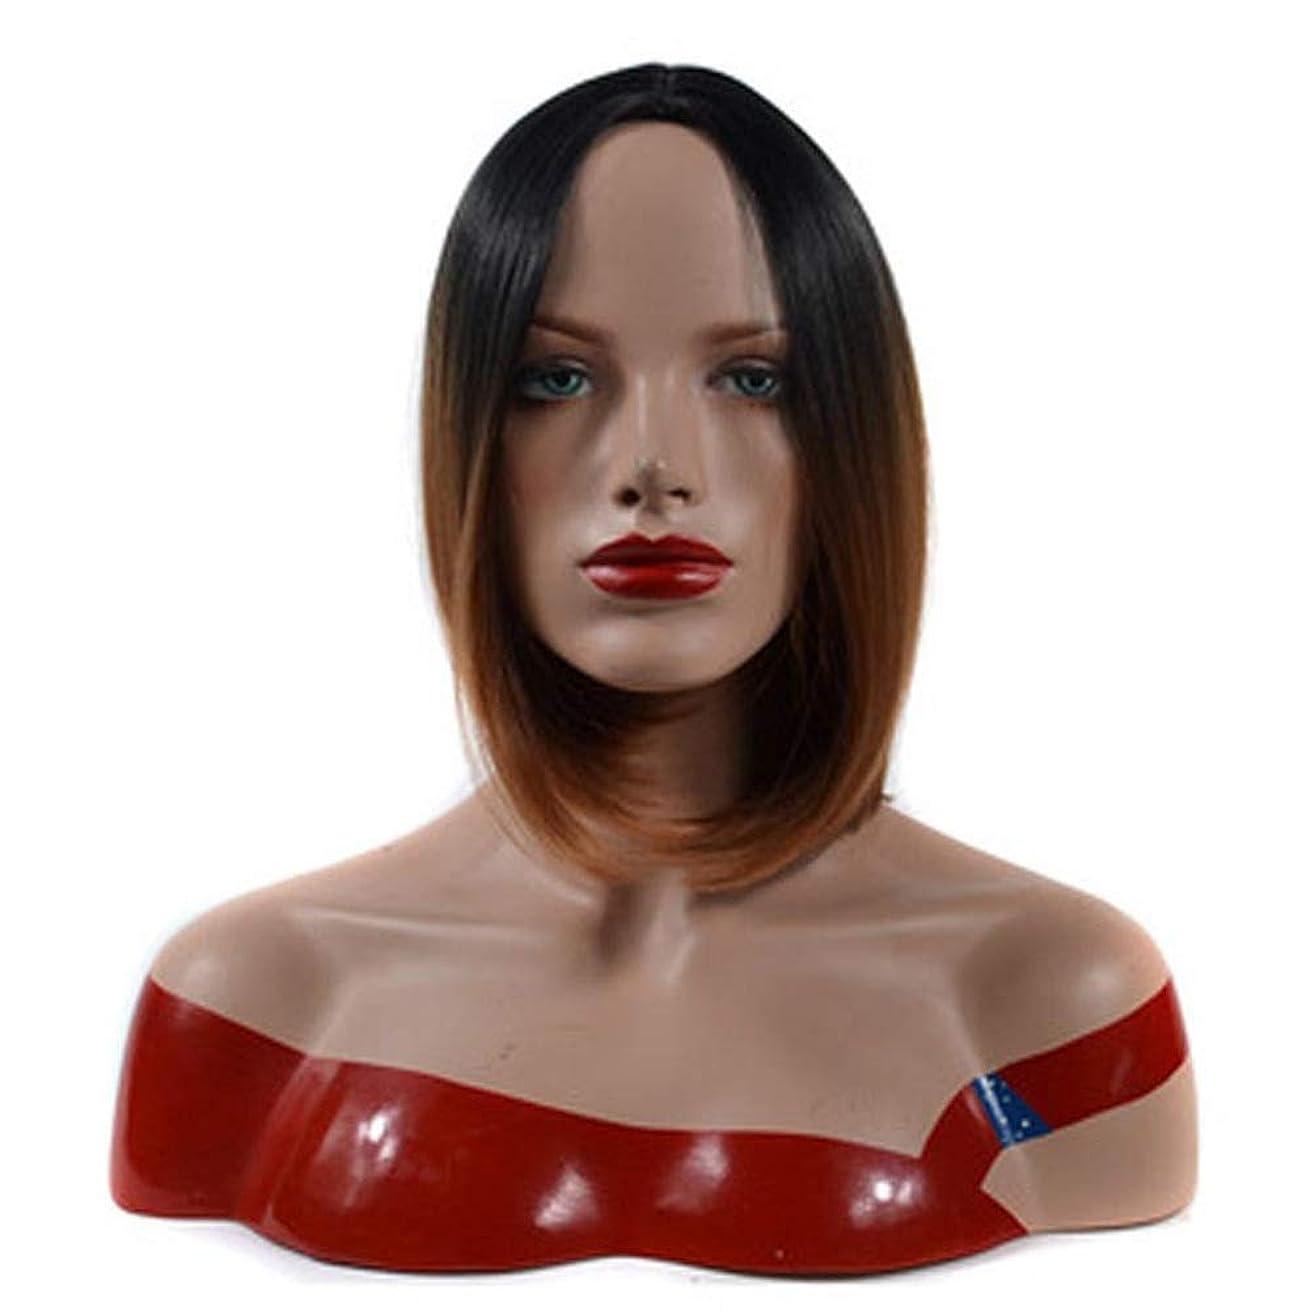 水族館条約修正Isikawan 女性のコスプレパーティードレスの黒髪の根のライトブラウンの短いストレートの髪のためのボブウィッグ (色 : Light brown, サイズ : 30cm)